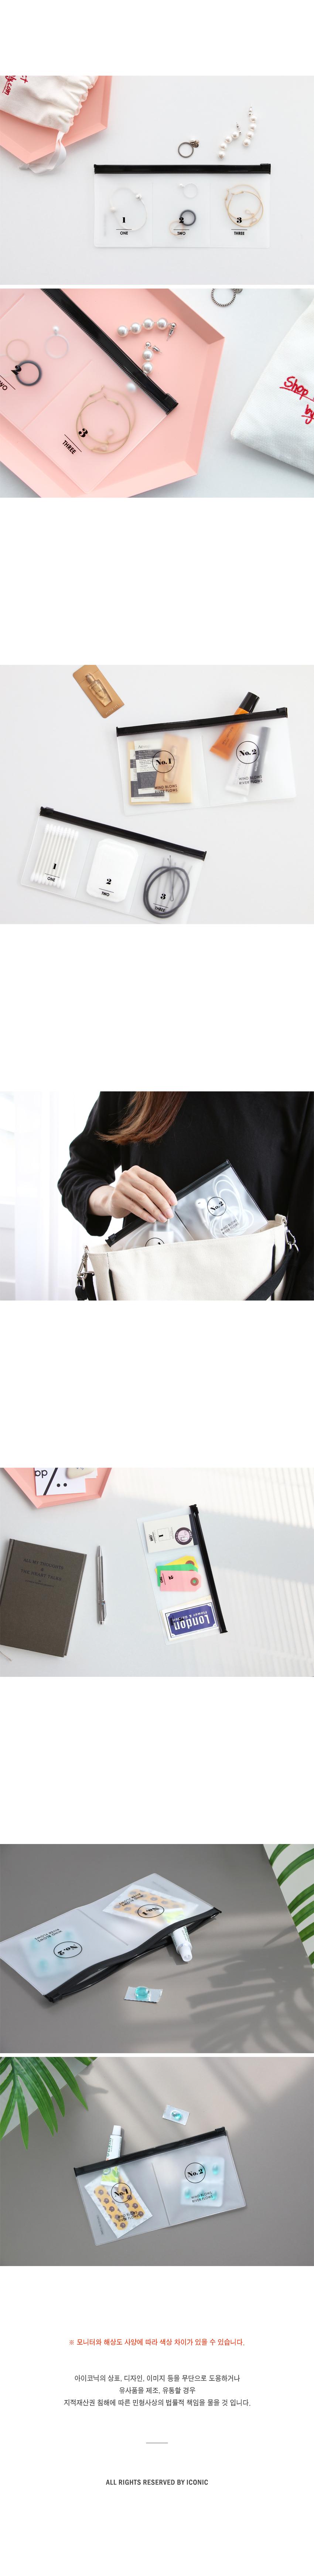 아이코닉 칸칸 투명파우치 - 아이코닉, 4,500원, 트래블팩단품, 지퍼/비닐백